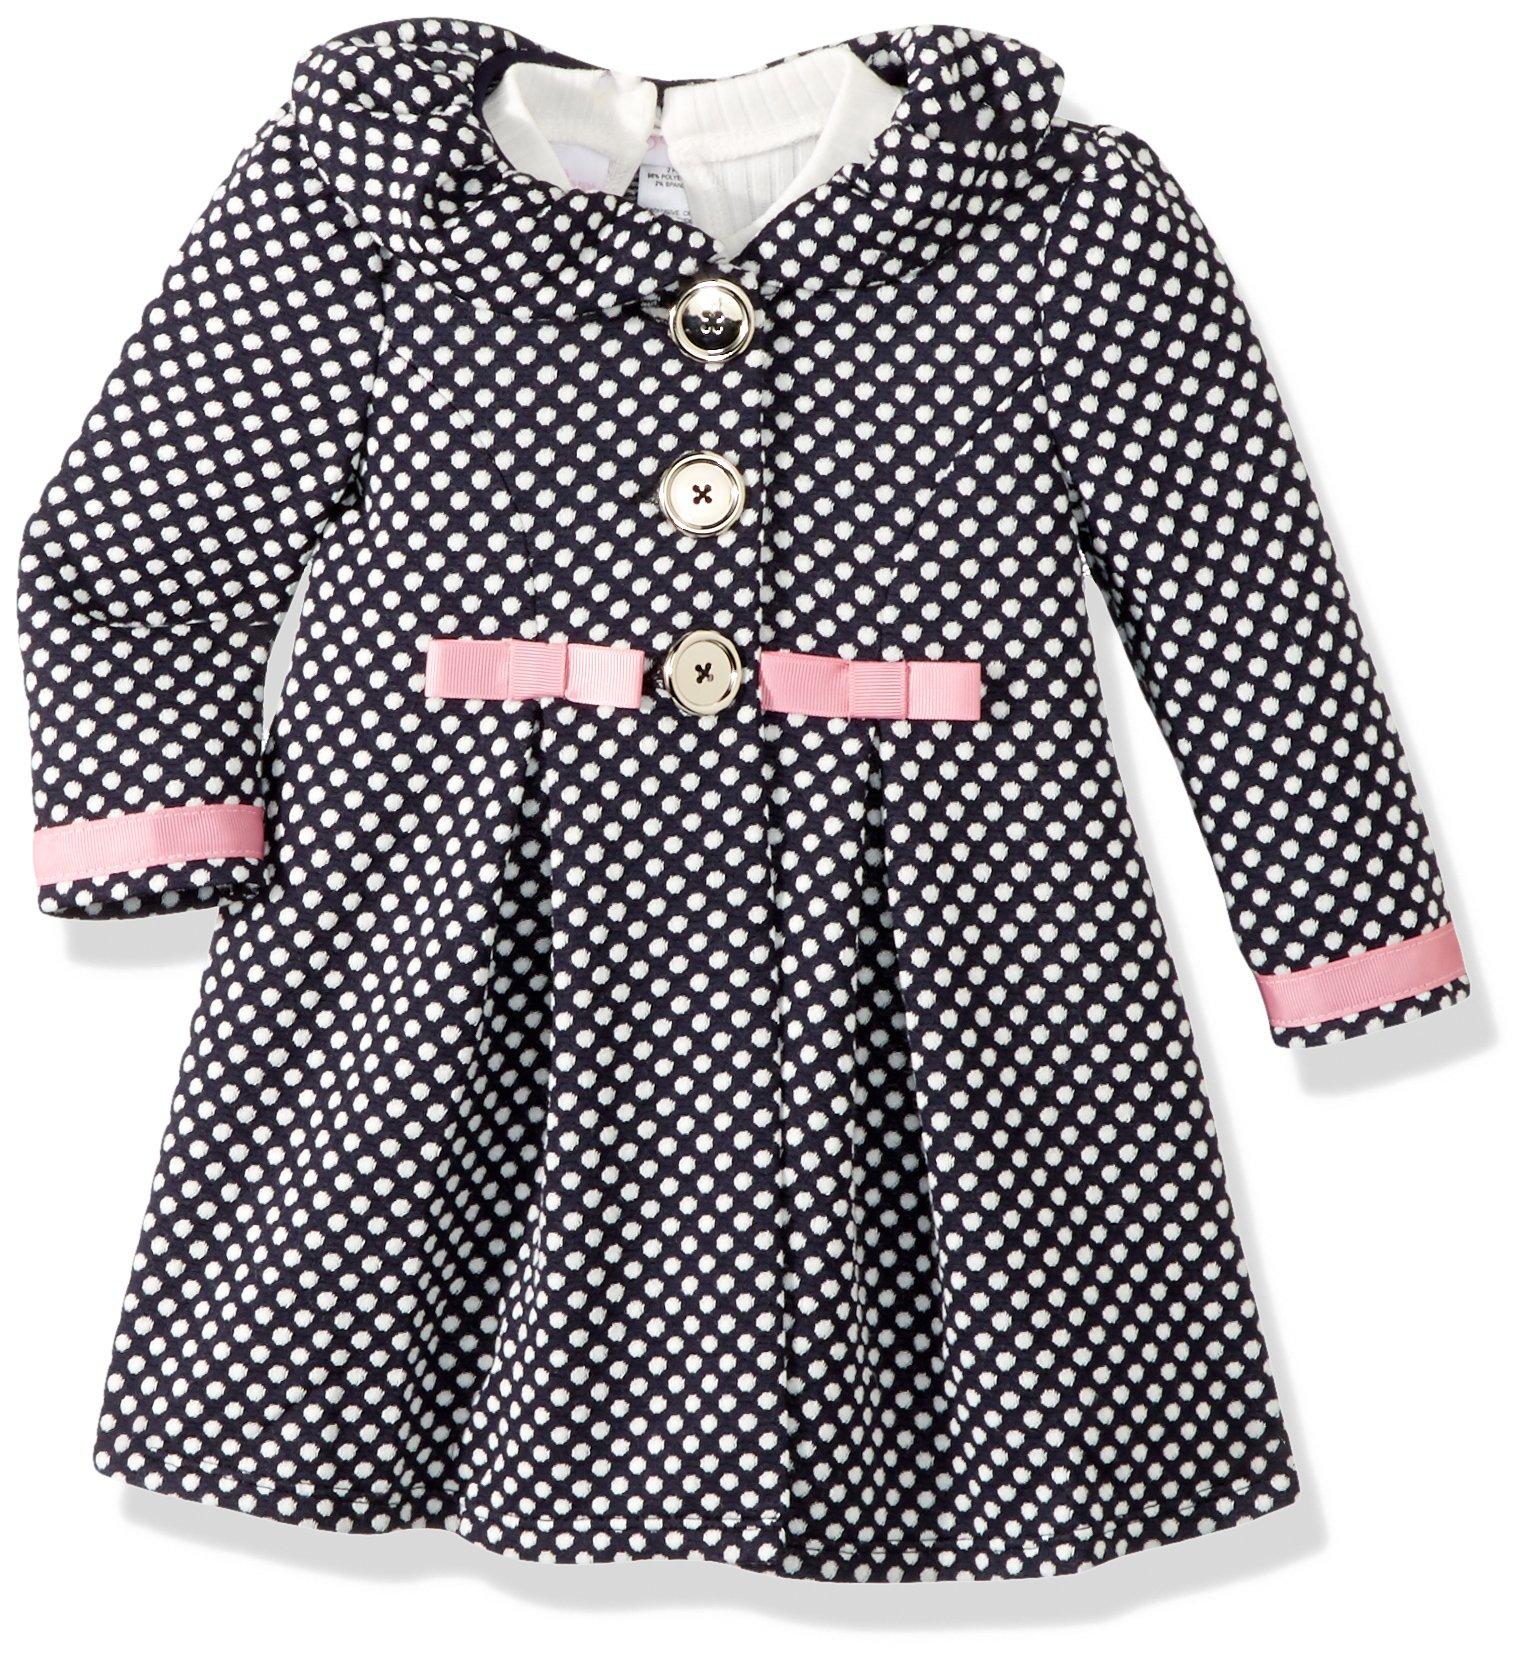 a391e5acf6ece Bonnie Baby Coat Set Navy 6-9 Months New 191539017666 | eBay